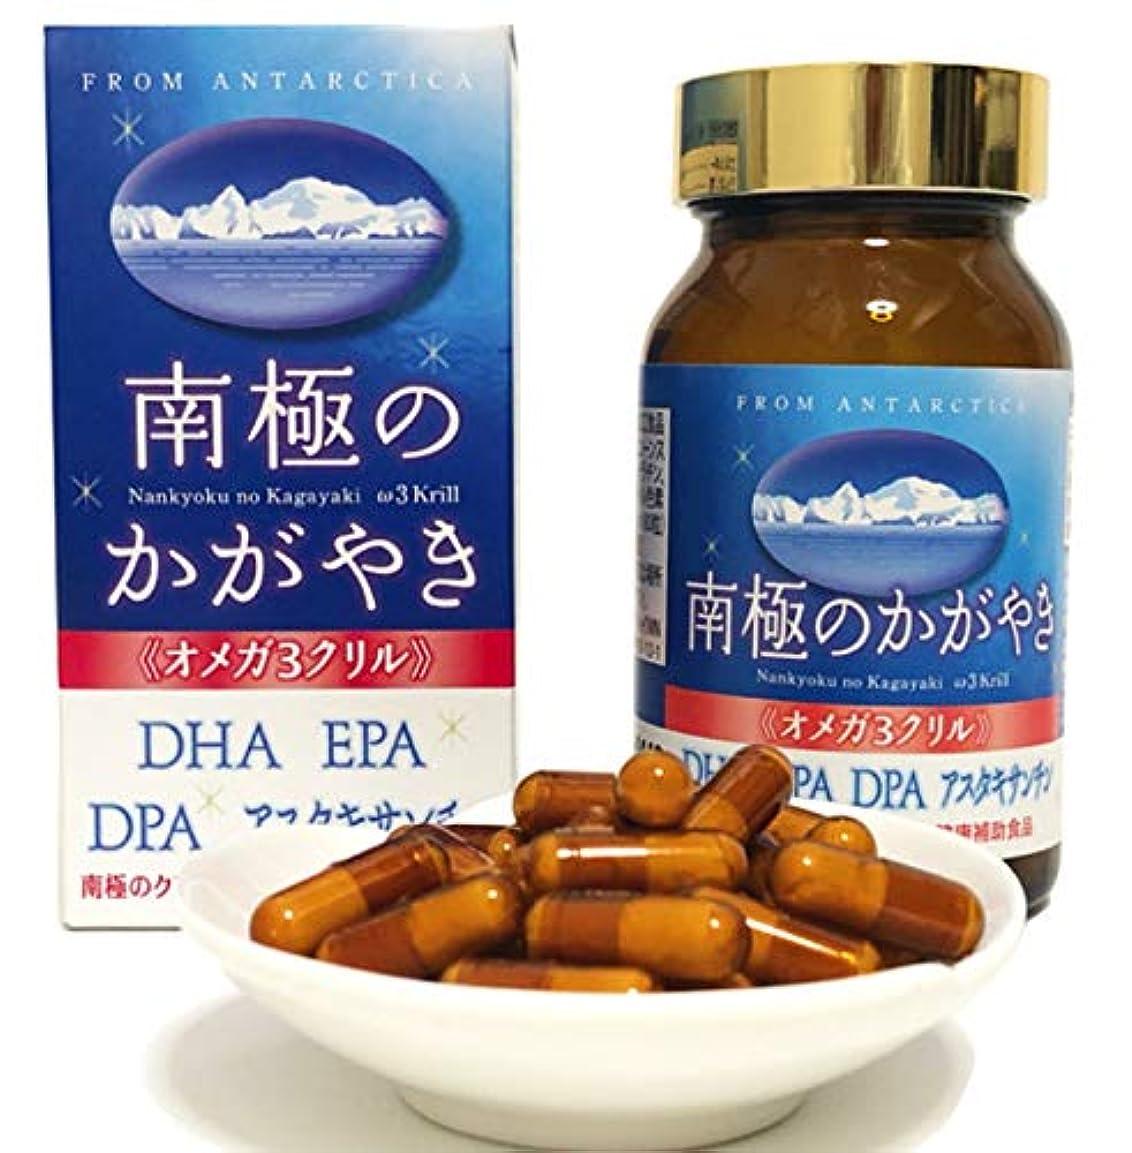 入射見落とす違反南極のかがやき クリルオイル オメガ3 脂肪酸 サプリメント オキアミ DHA EPA DPA アスタキサンチン 80粒